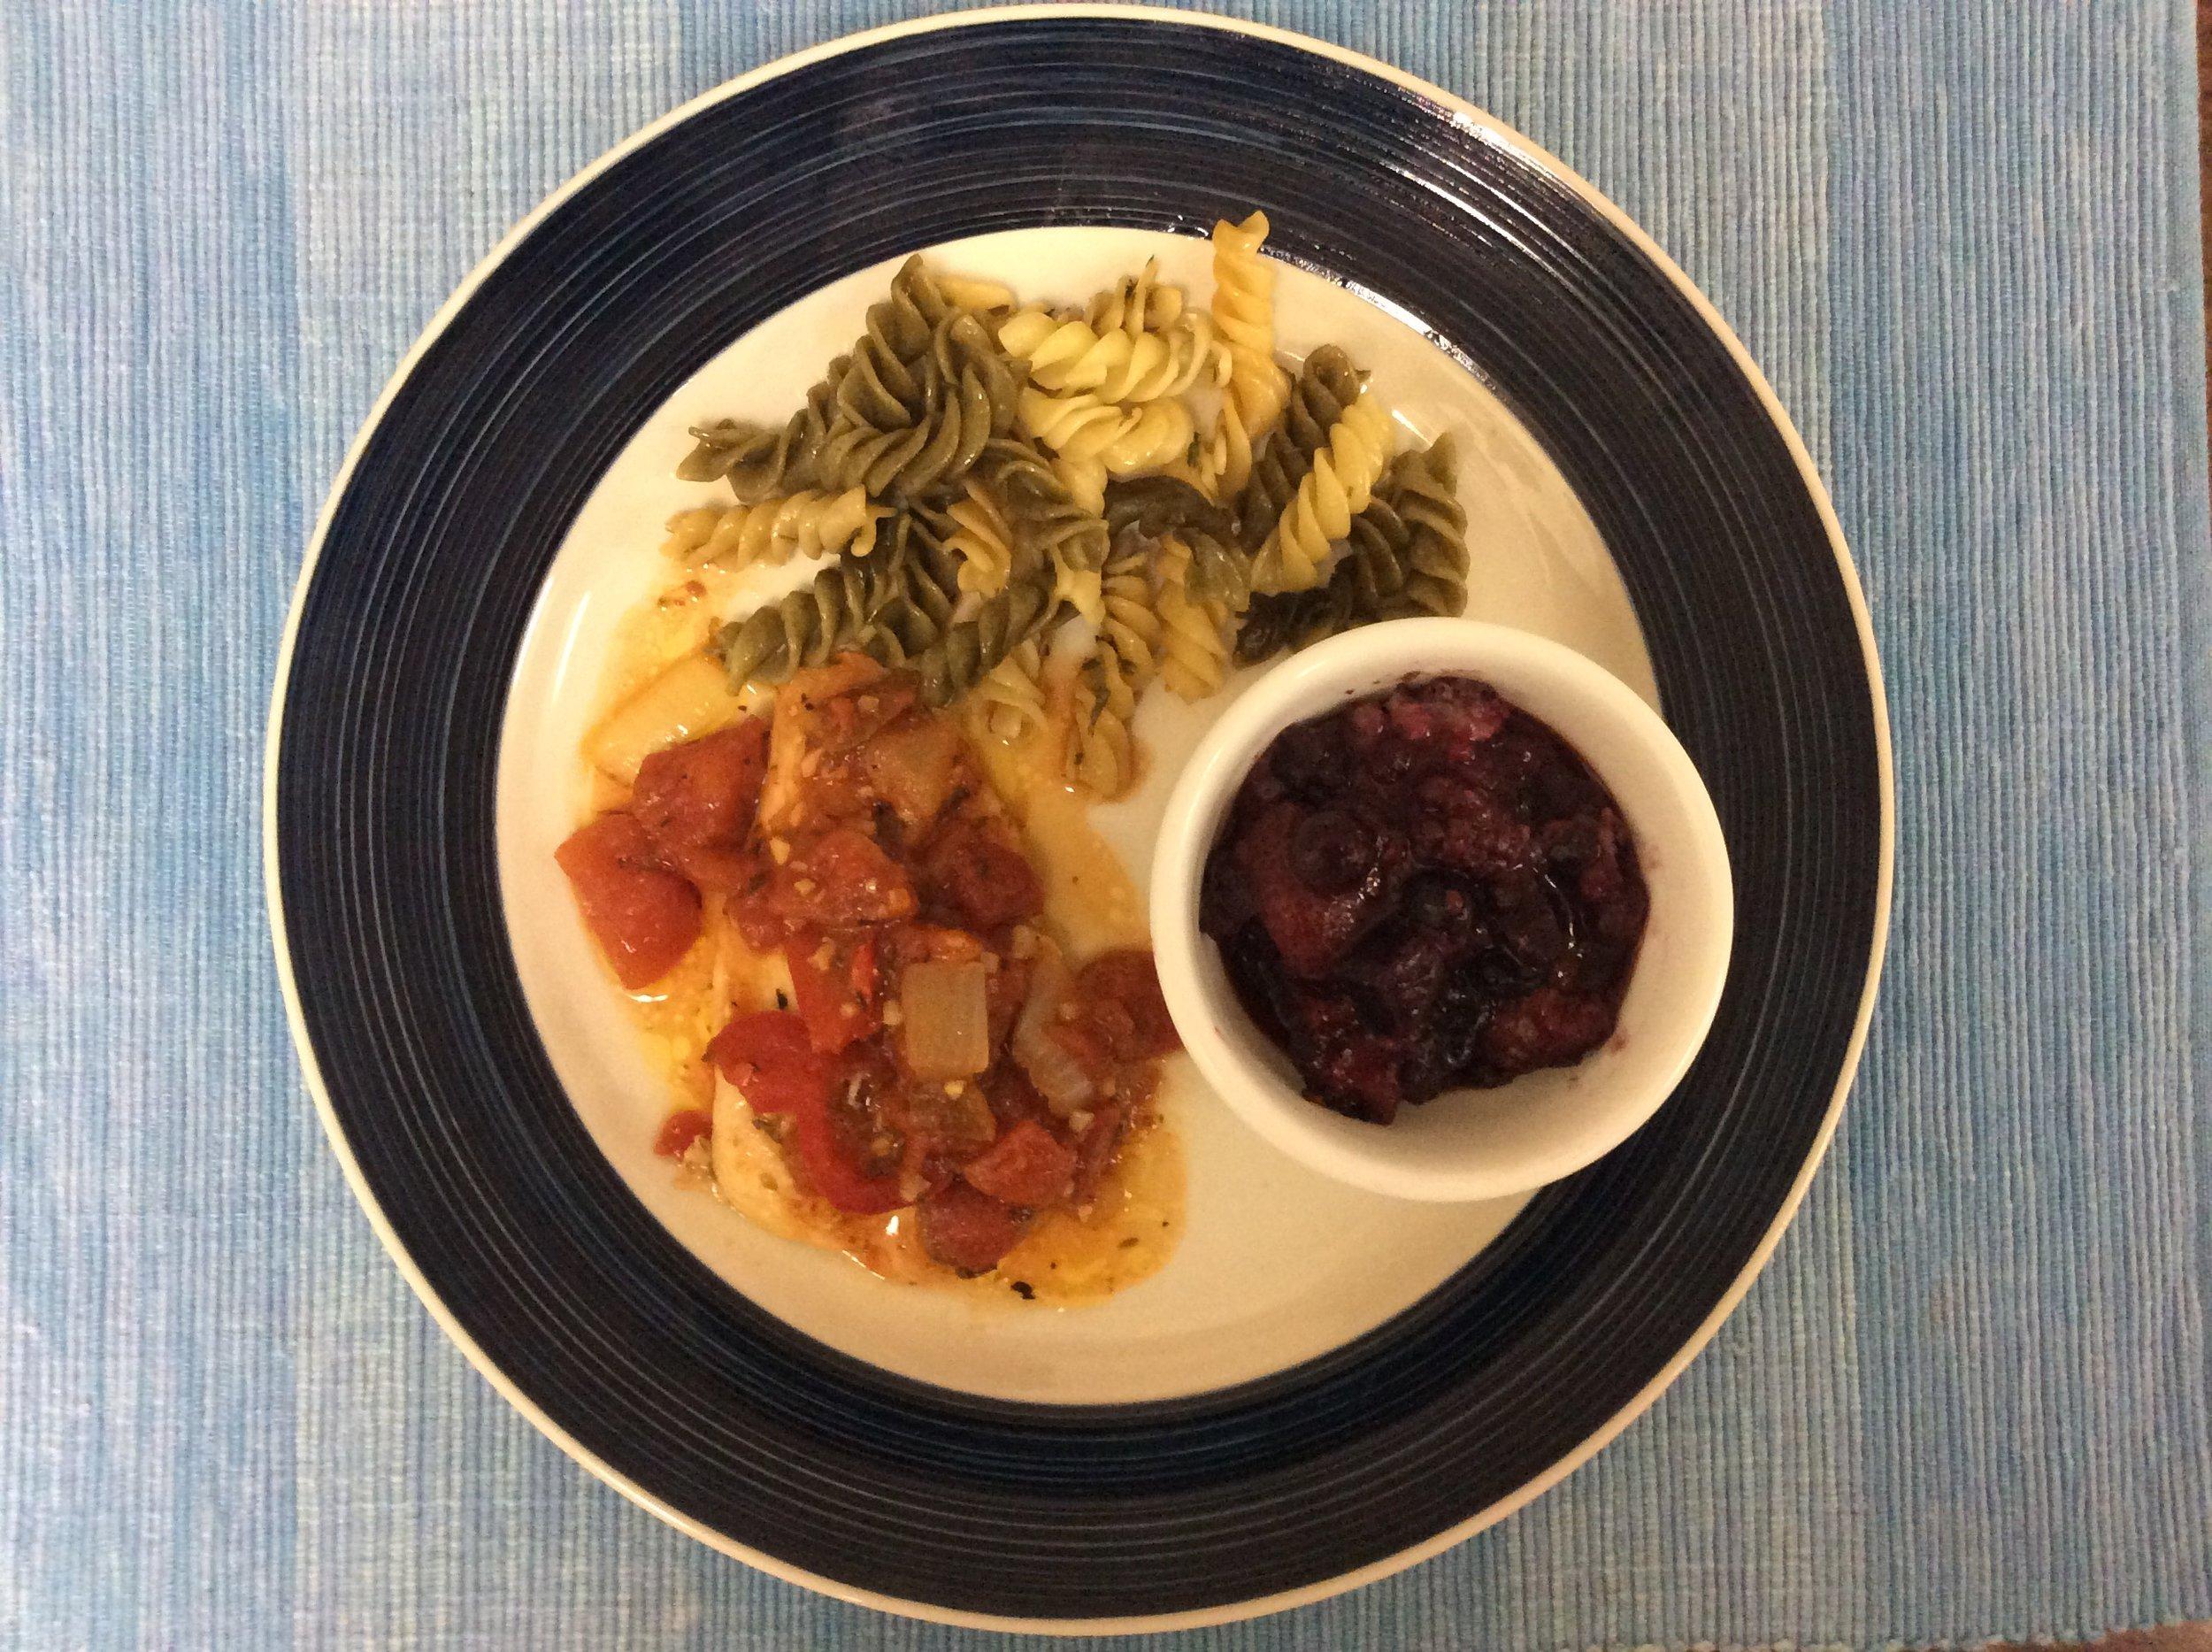 Chicken Cacciatore, tri color rotini, and mixed berry compote